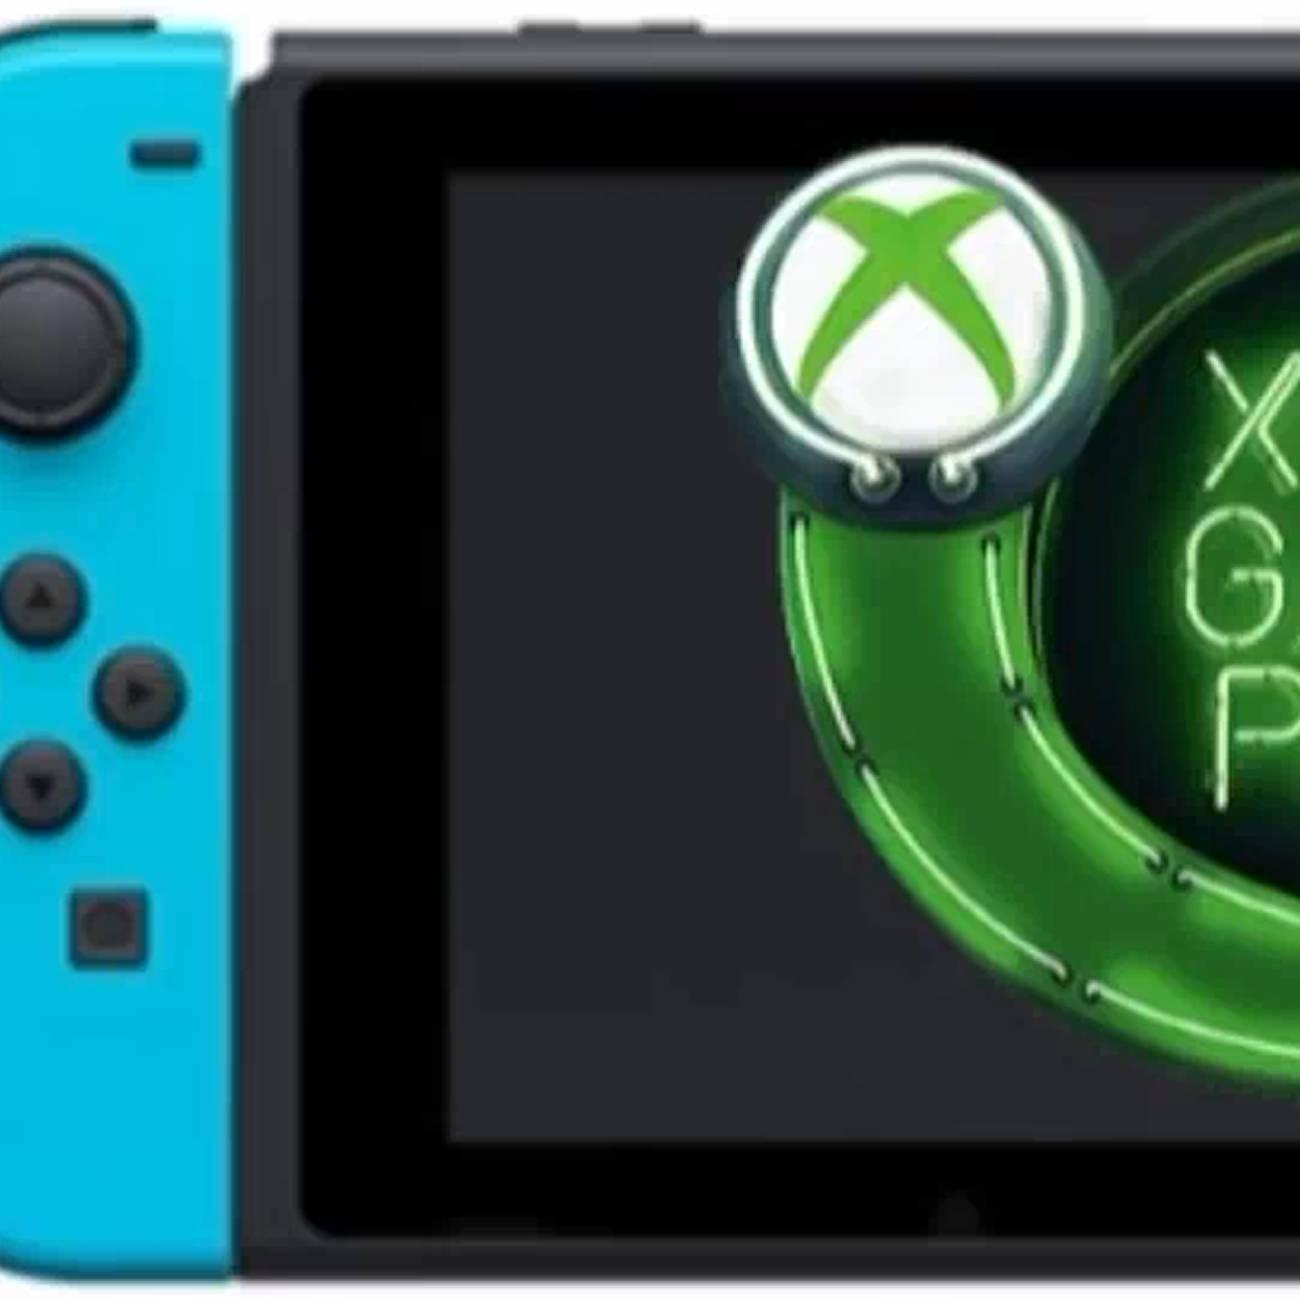 ニンテンドースイッチ、Xbox Oneゲームを遊べる凄い計画